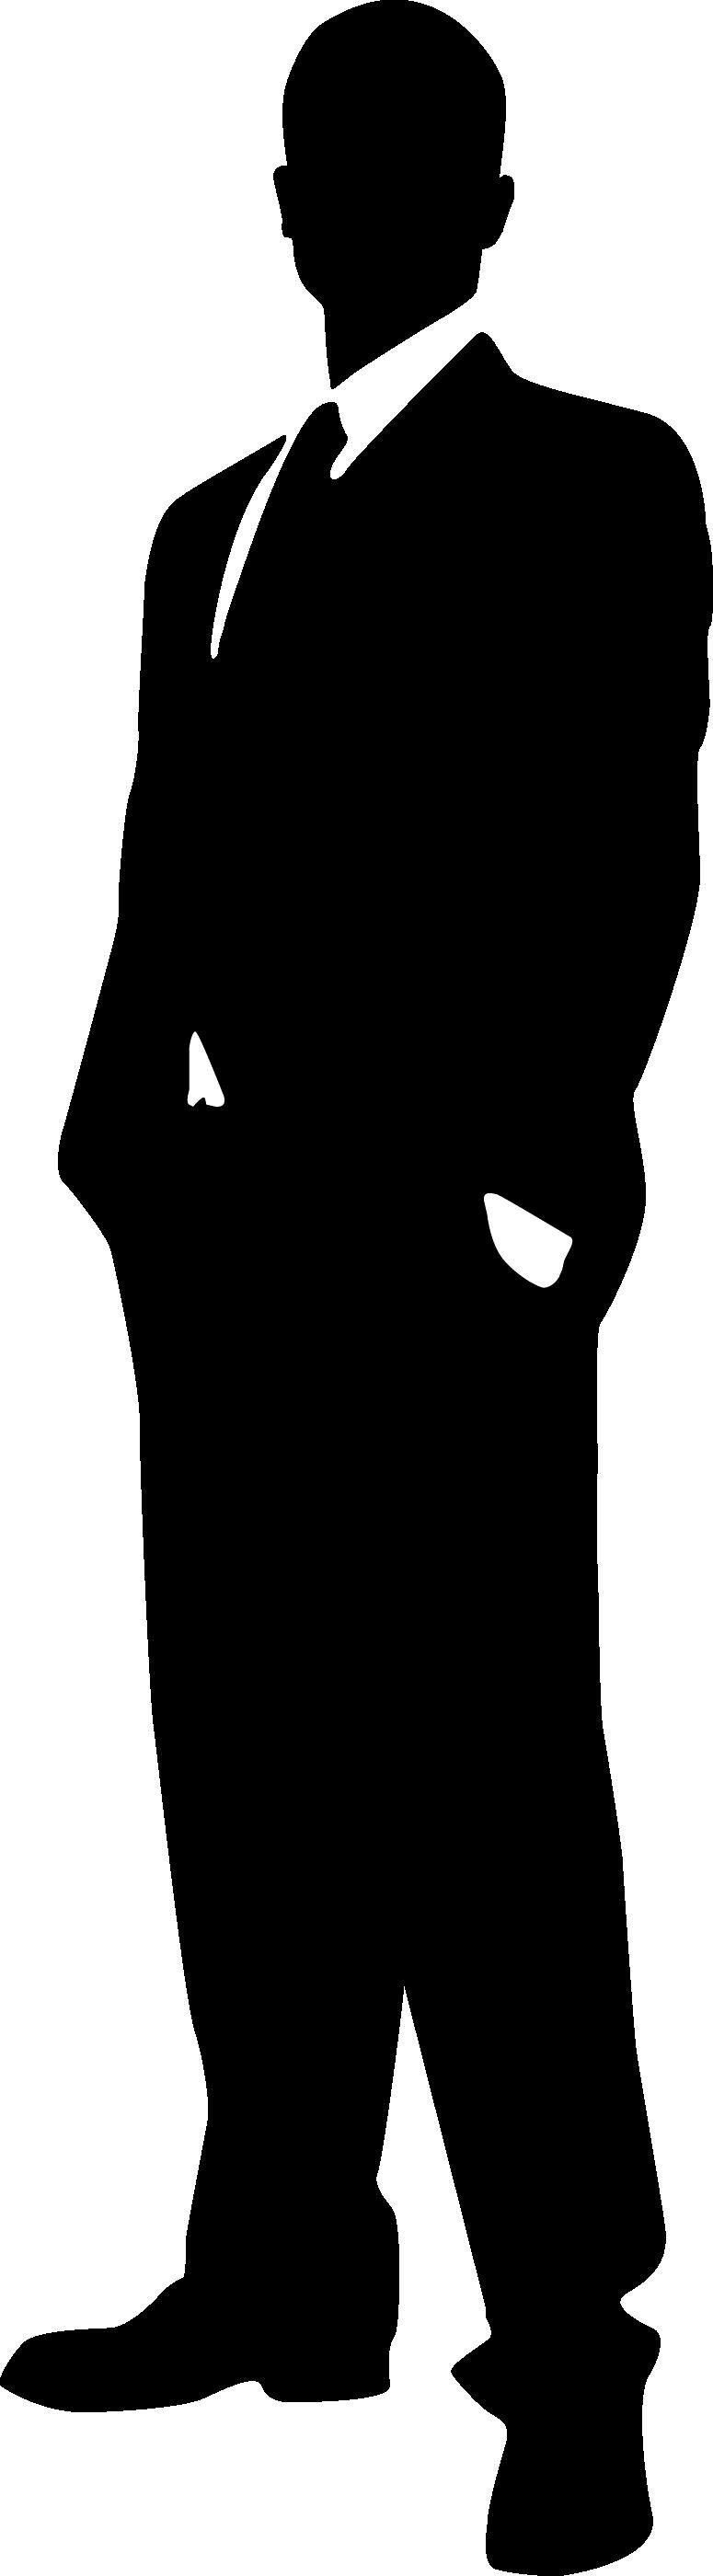 775x2800 Man Silhouette Clip Art